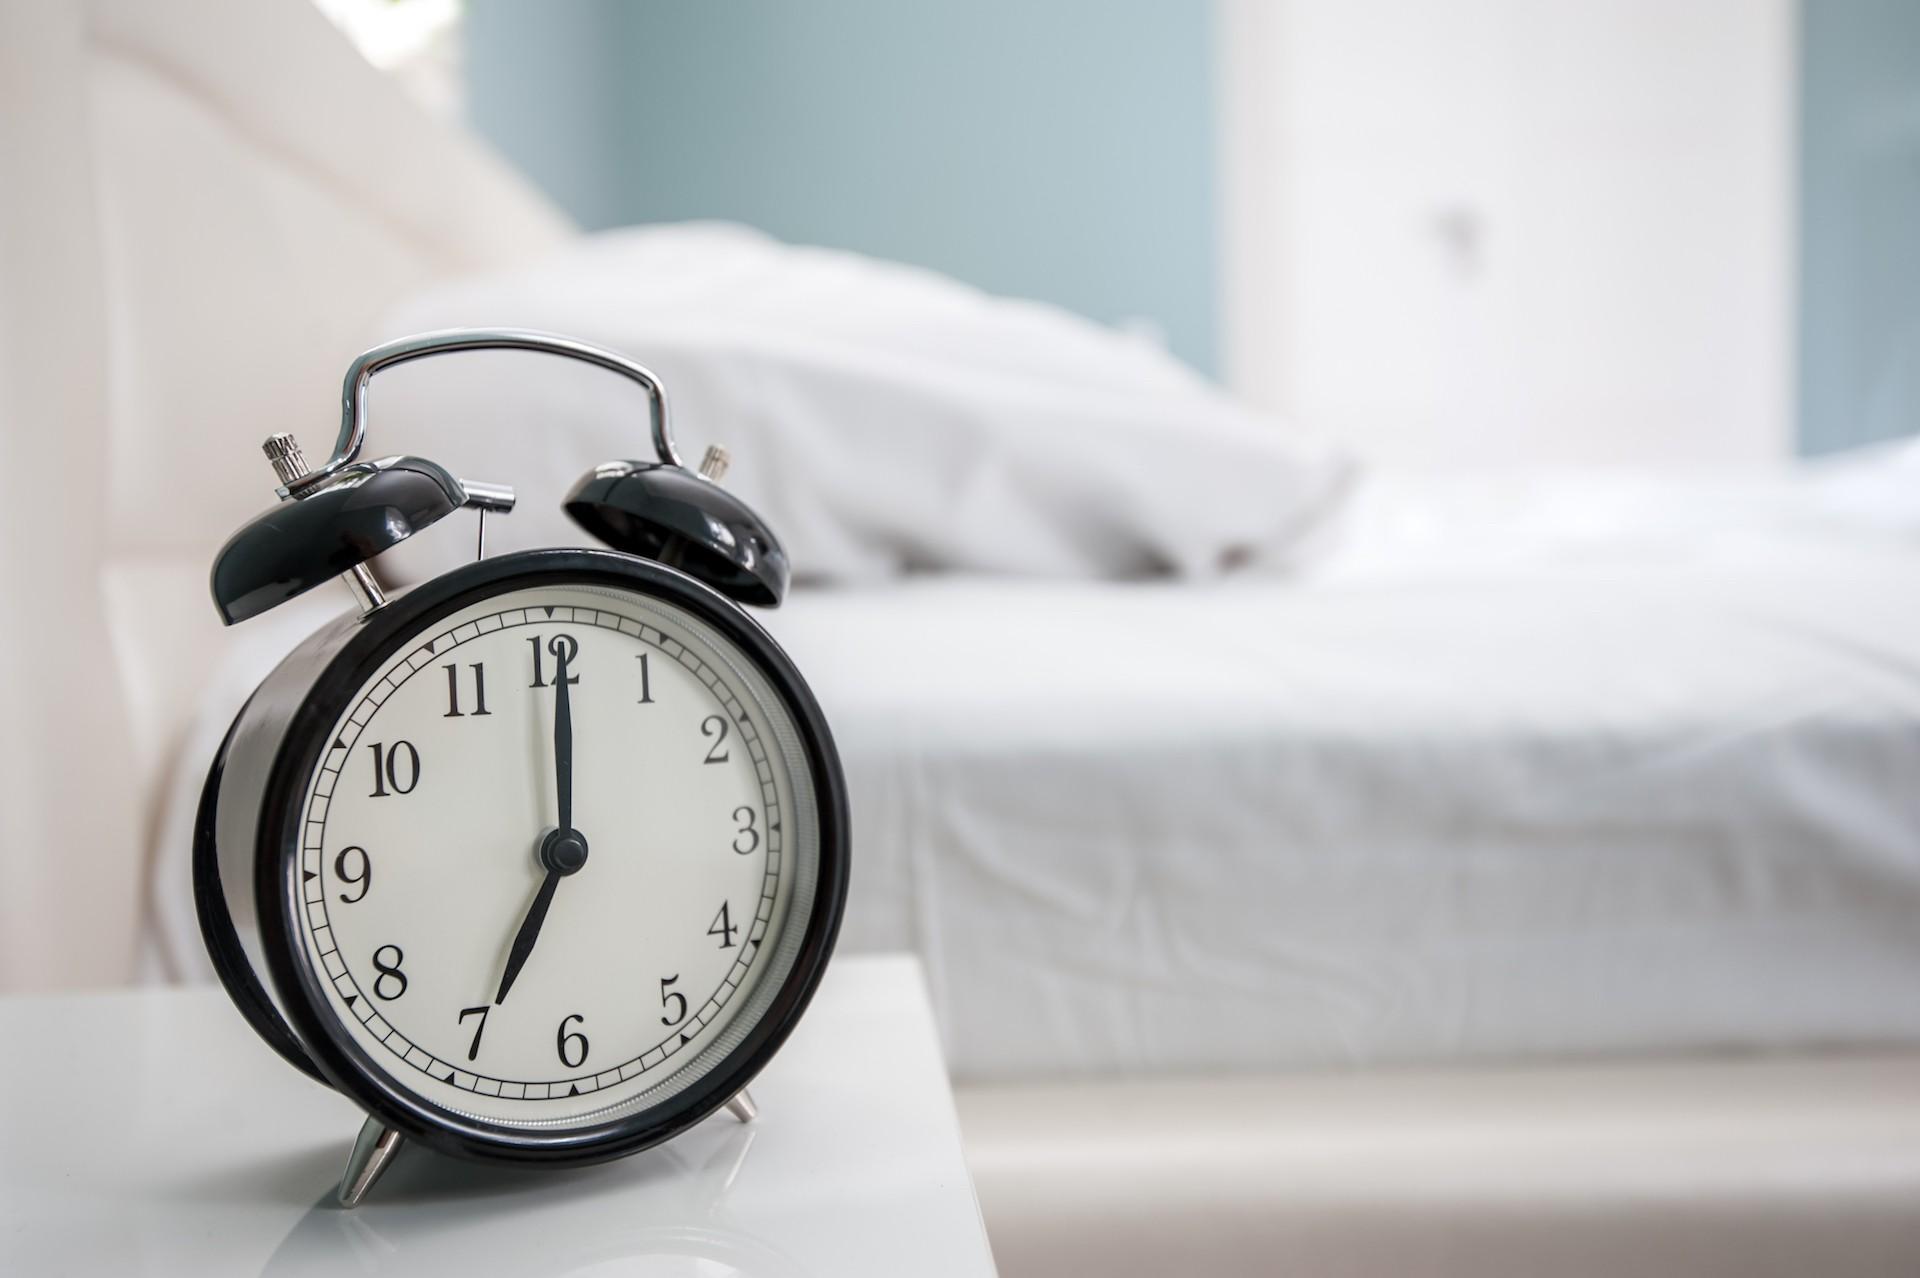 El por que pongo mi alarma lo mas lejos posible antes de dormir